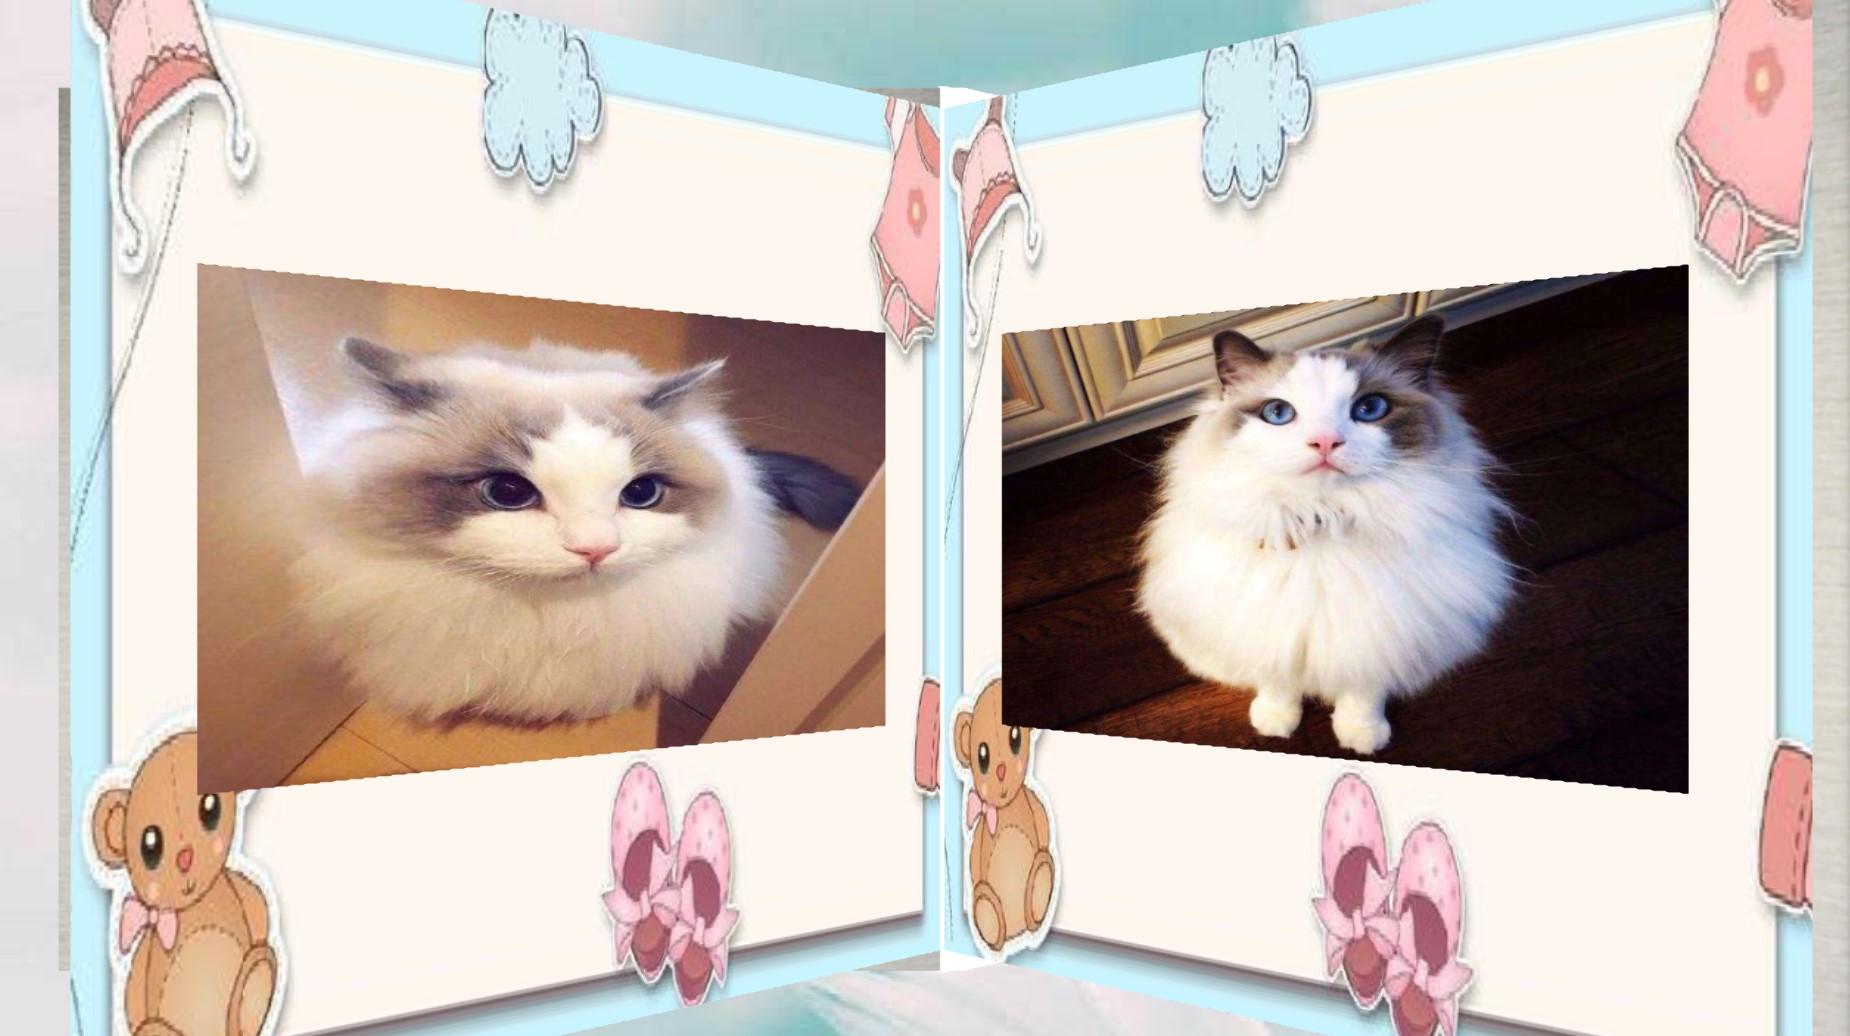 会声会影制作布偶猫的翻页电子相册教程